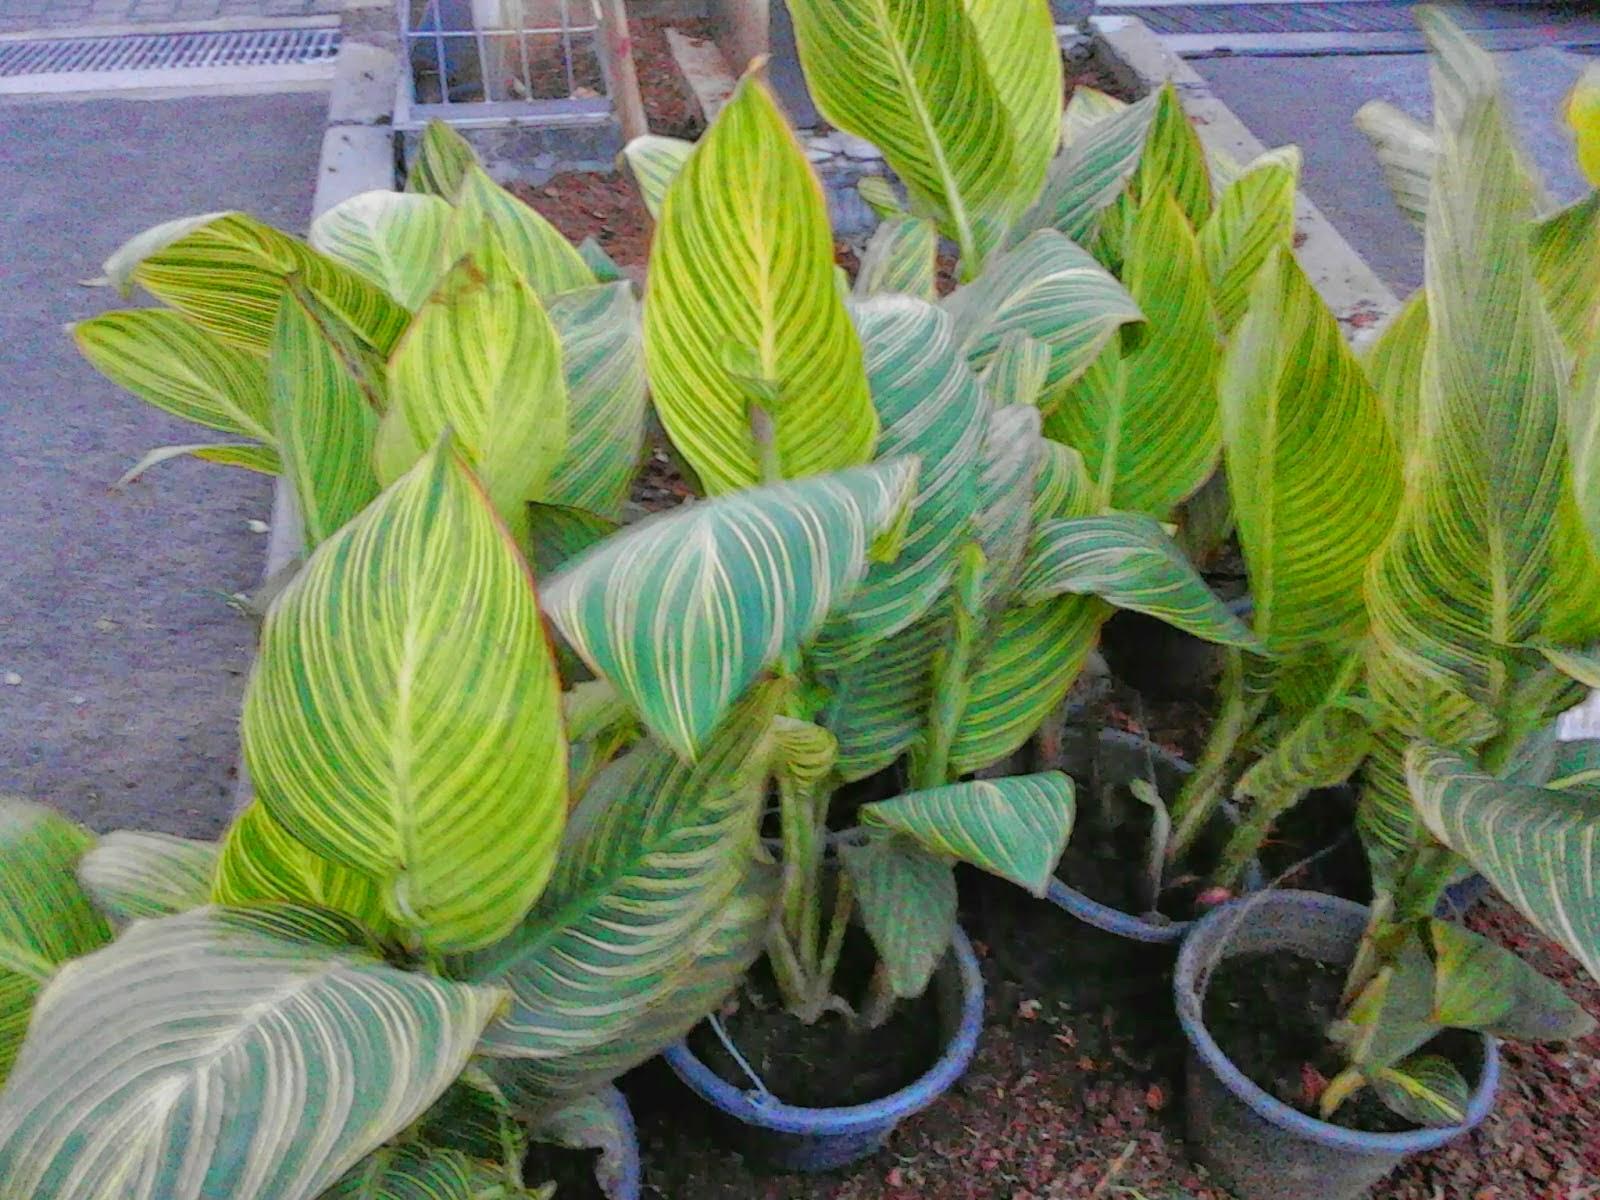 Jual pohon kana varigata | tanaman hias | jasa tukang taman